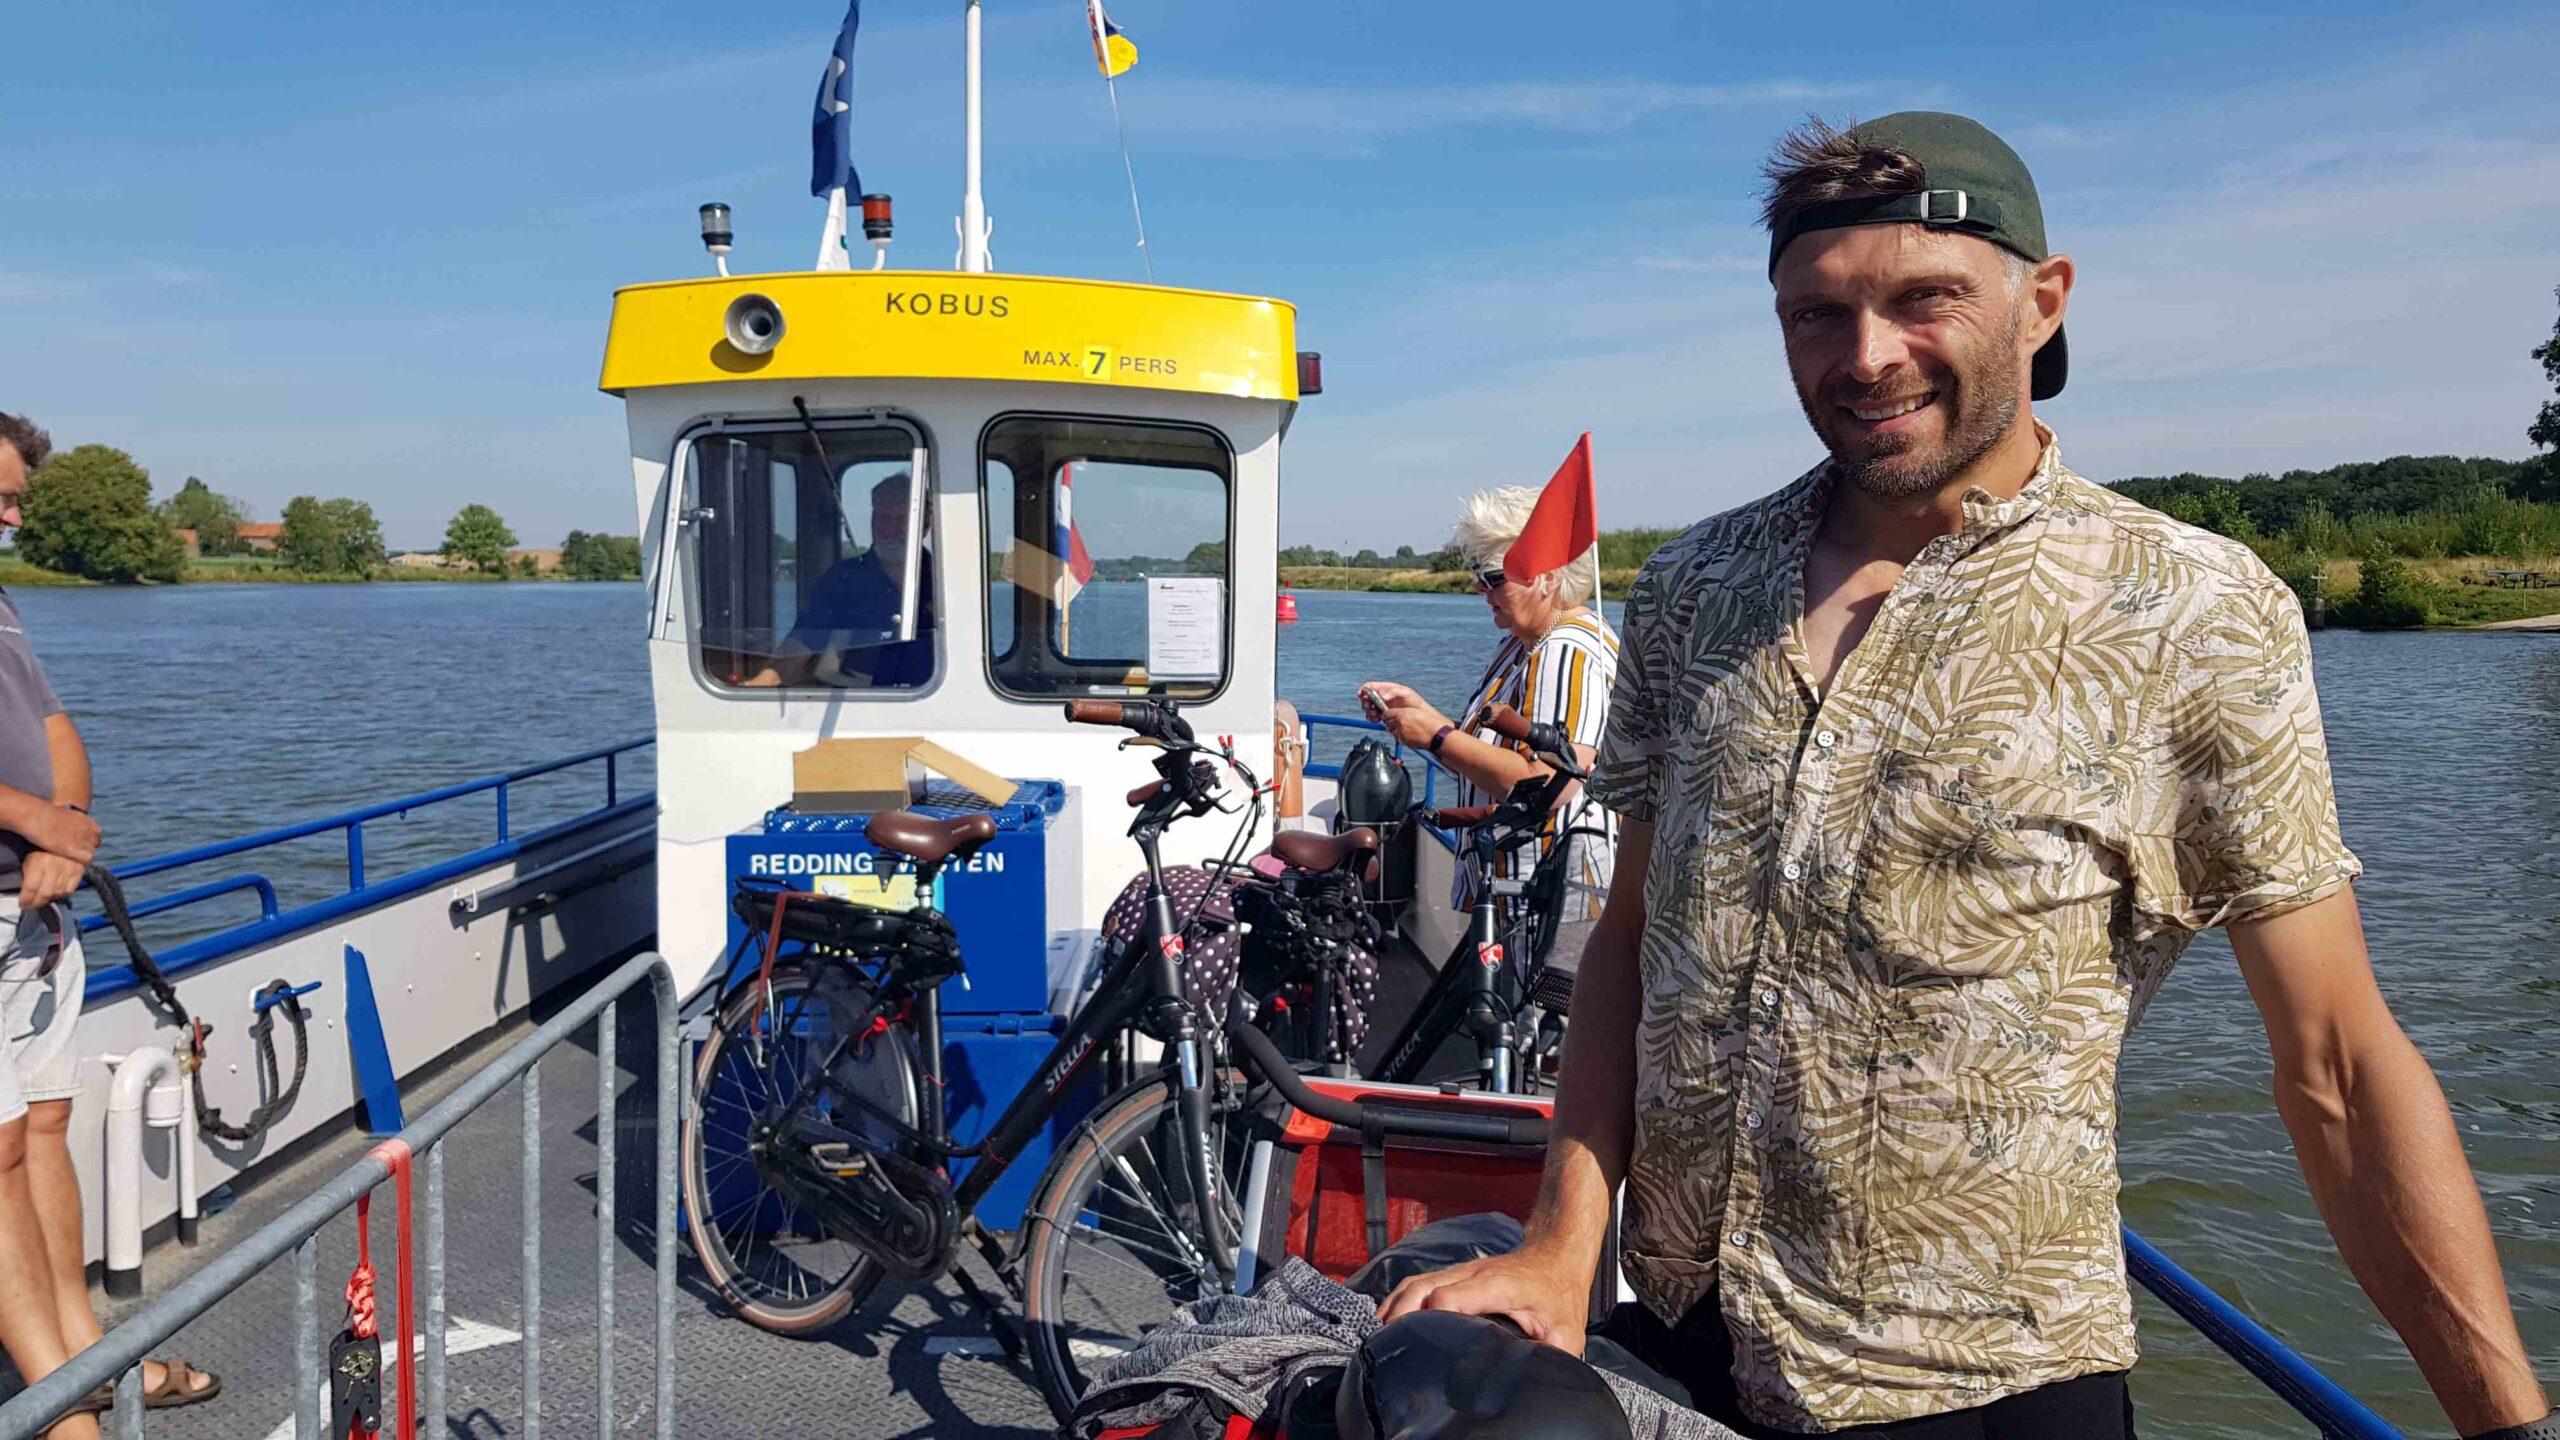 Ronde-van-Nederland-op-de-fiets-JP-pontje